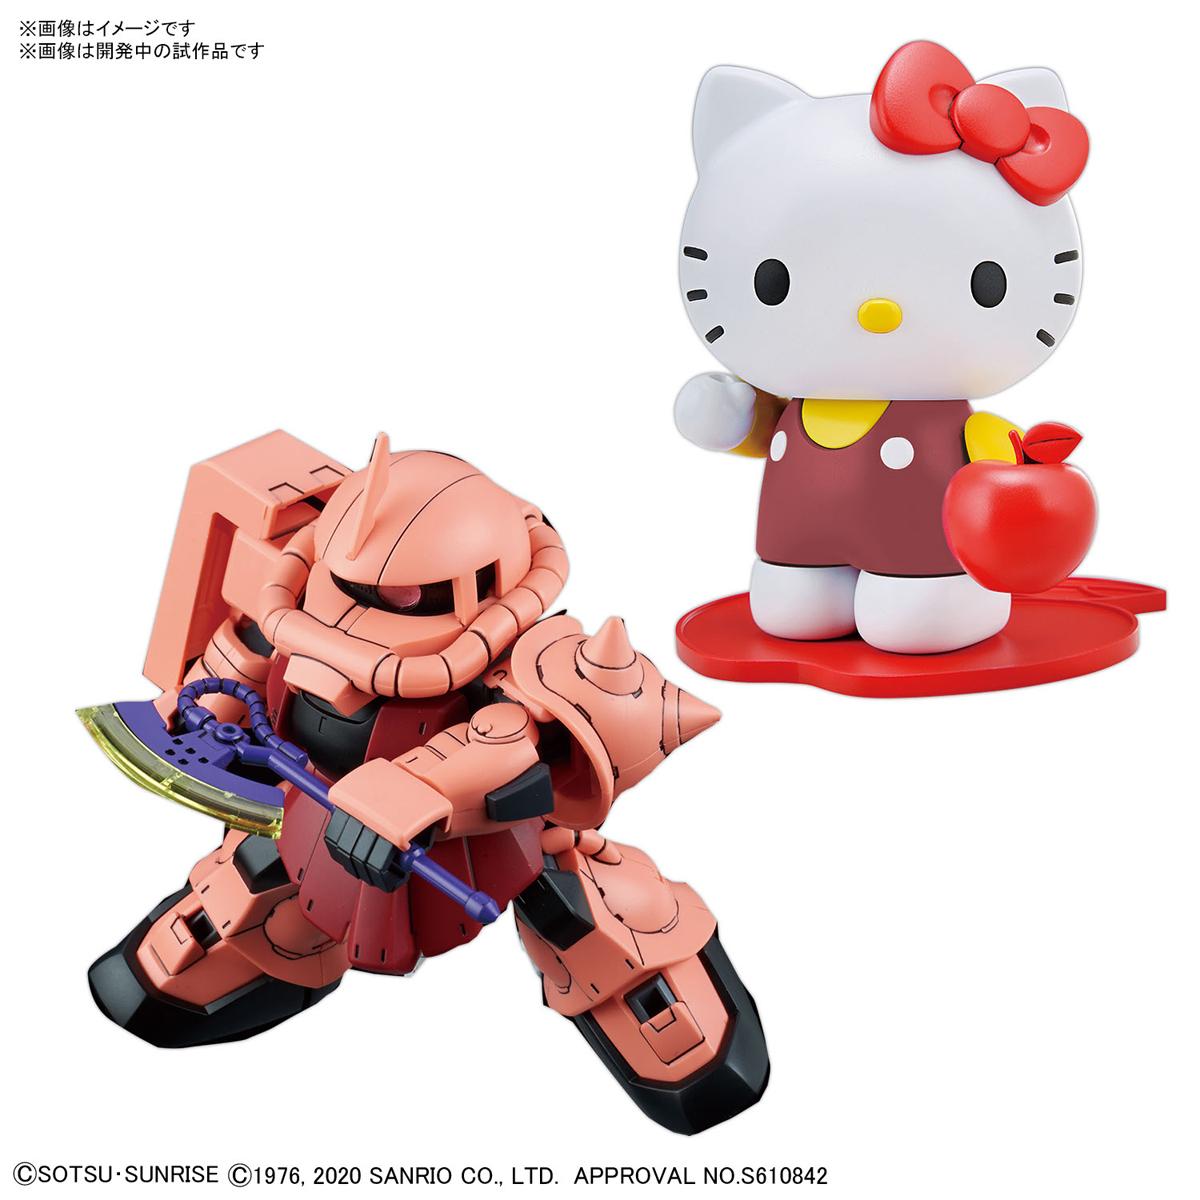 SDガンダム クロスシルエット『ハローキティ / シャア専用ザクII』プラモデル-001